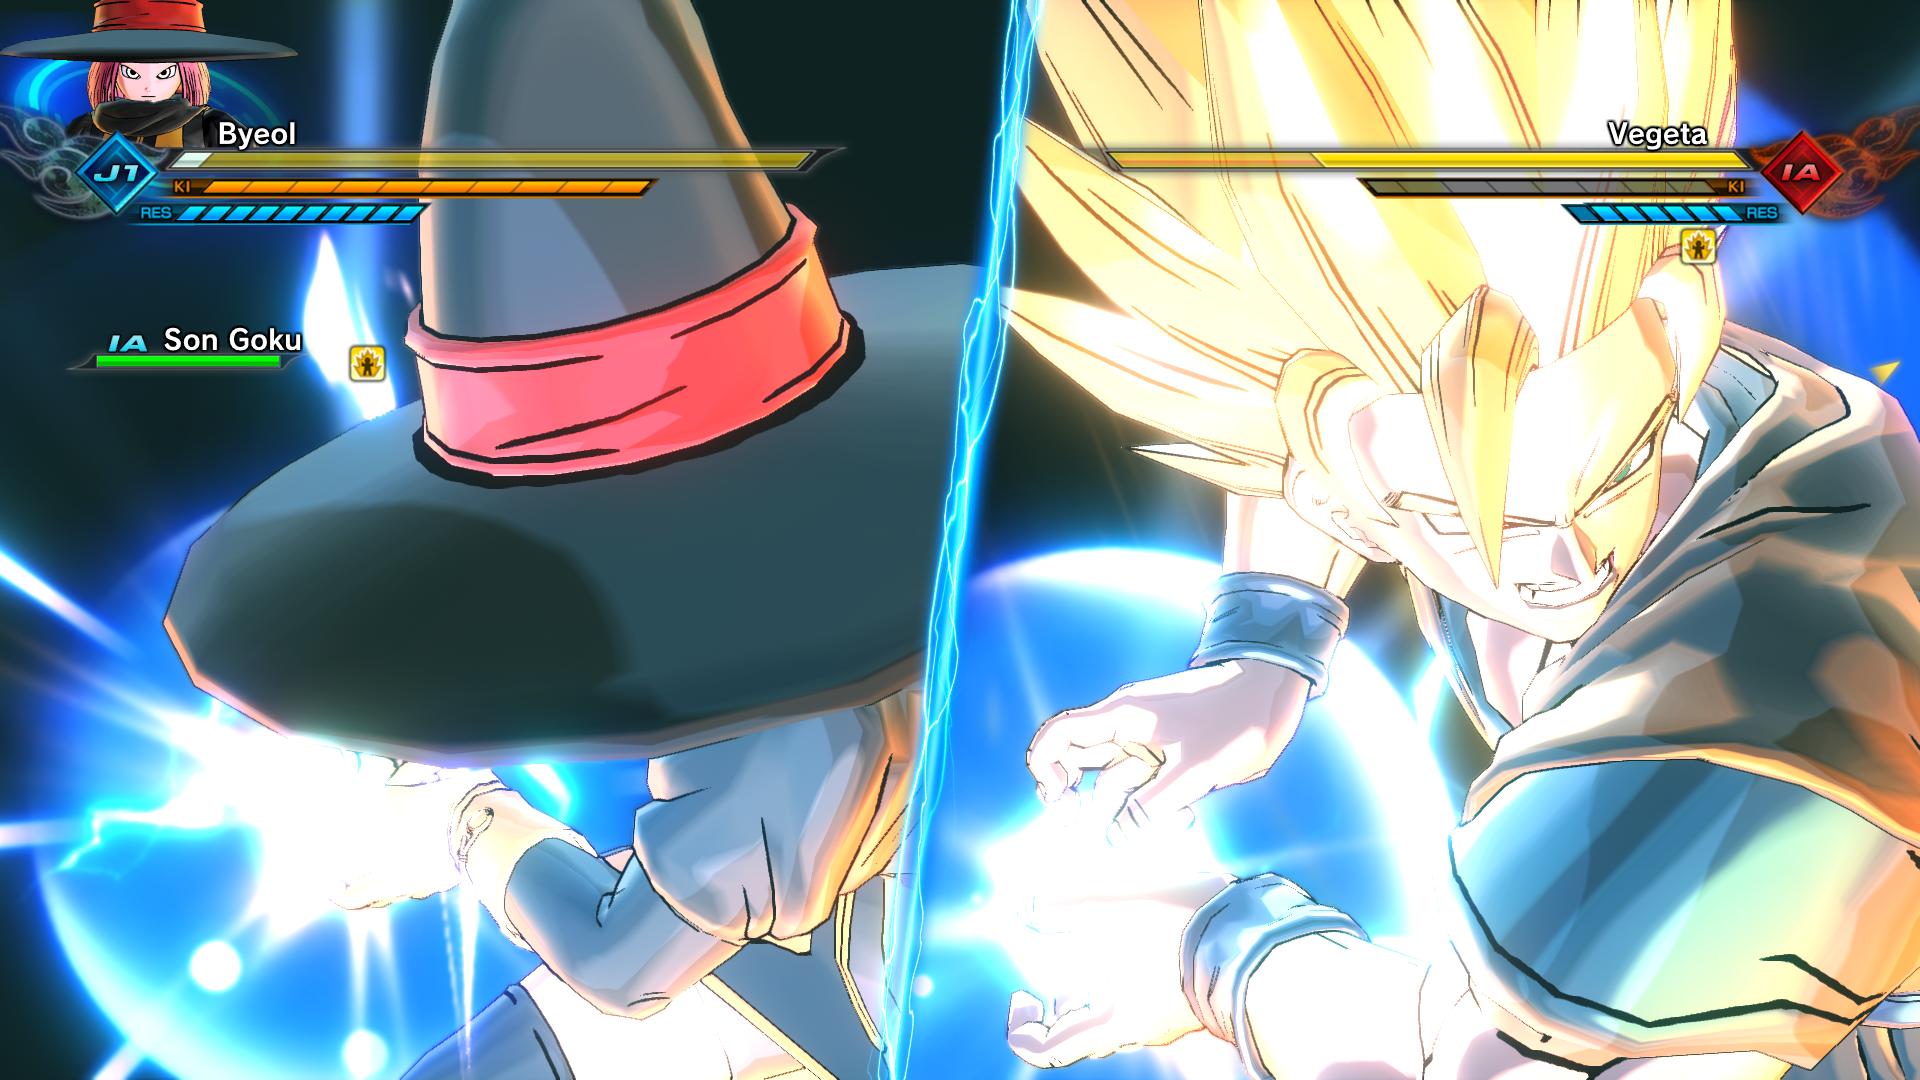 Dragon Ball Xenoverse 2: nuevo contenido gratuito y una IA aliada que no acompaña